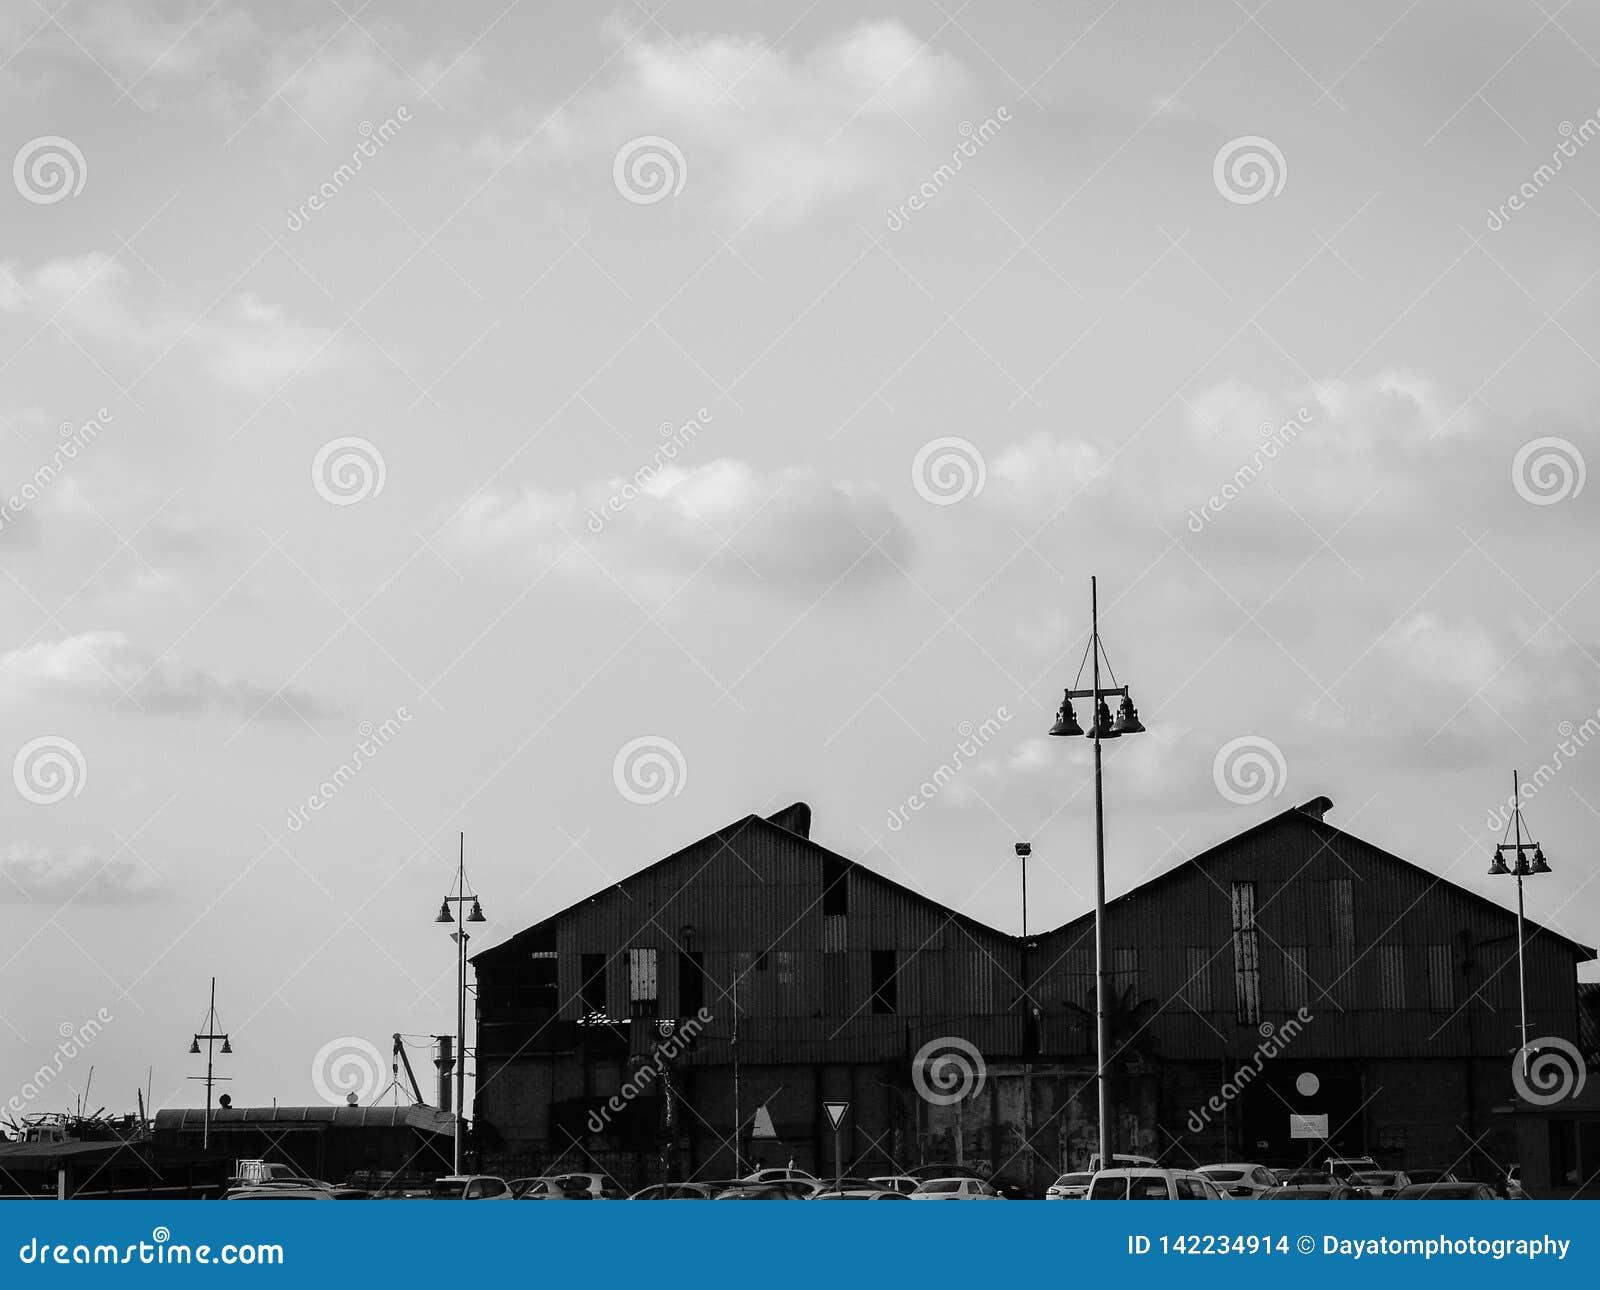 Vue urbaine noire et blanche de deux dessus de toit des grands bâtiments par le port maritime, péniches avec les lampes grandes d